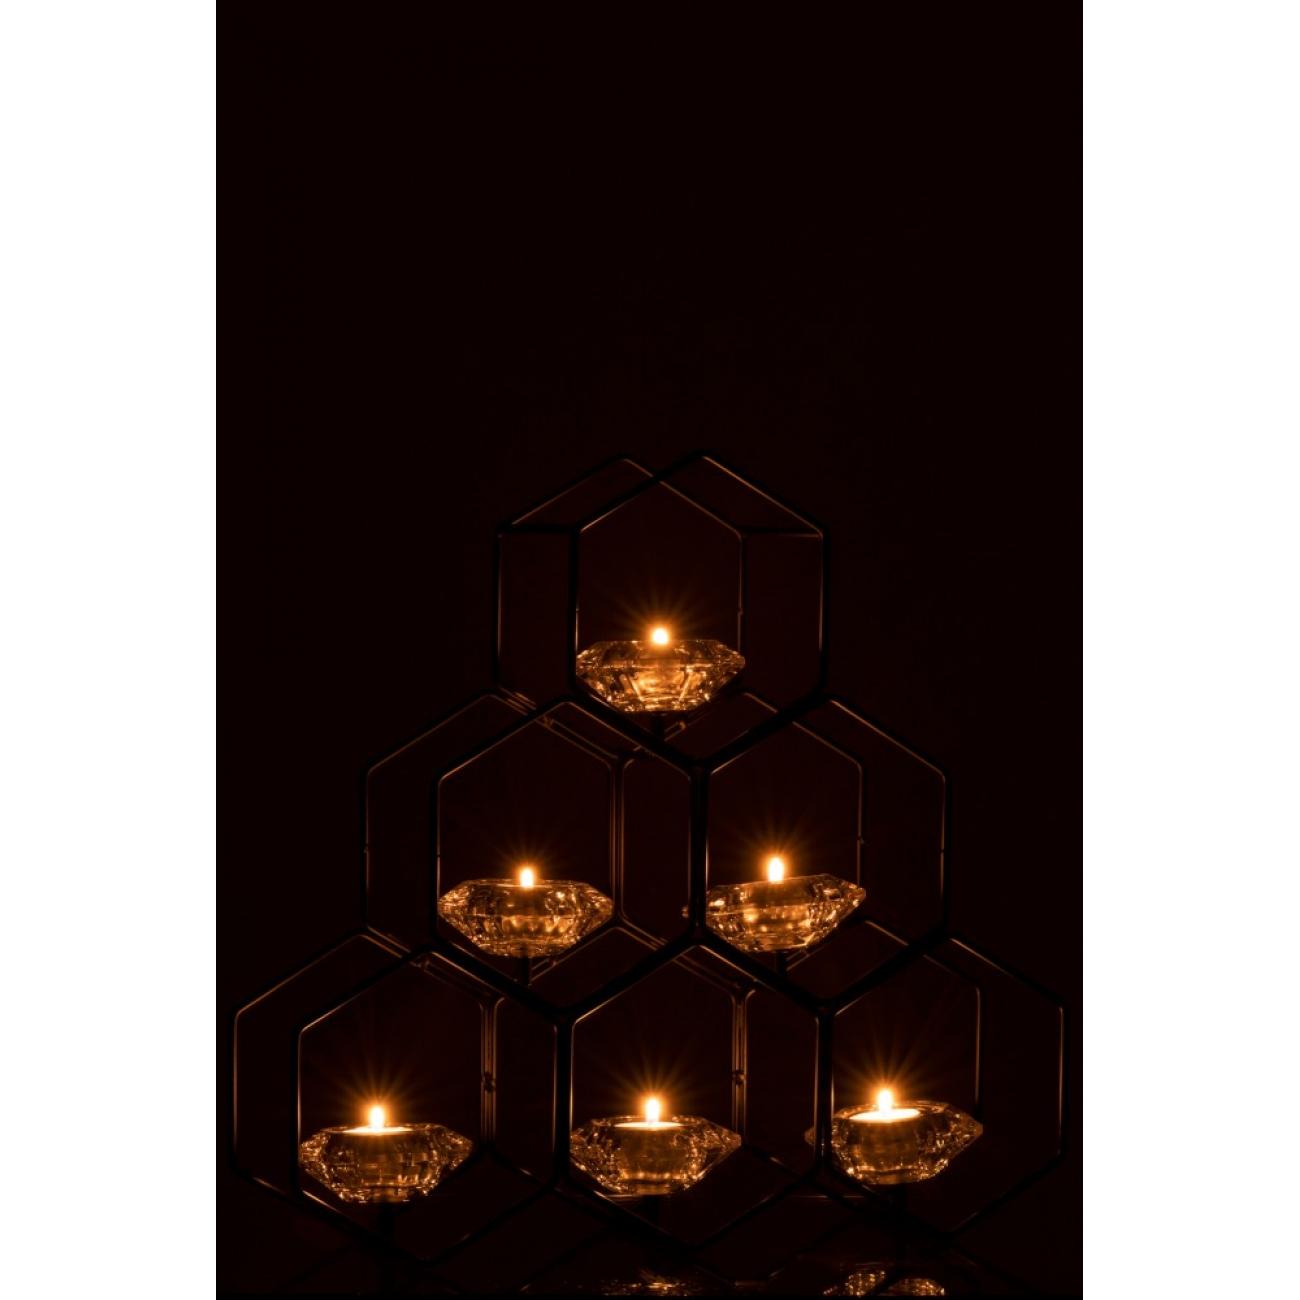 Подсвечник J-LINE металлический черный в форме сот на 6 свечей высота 42 см